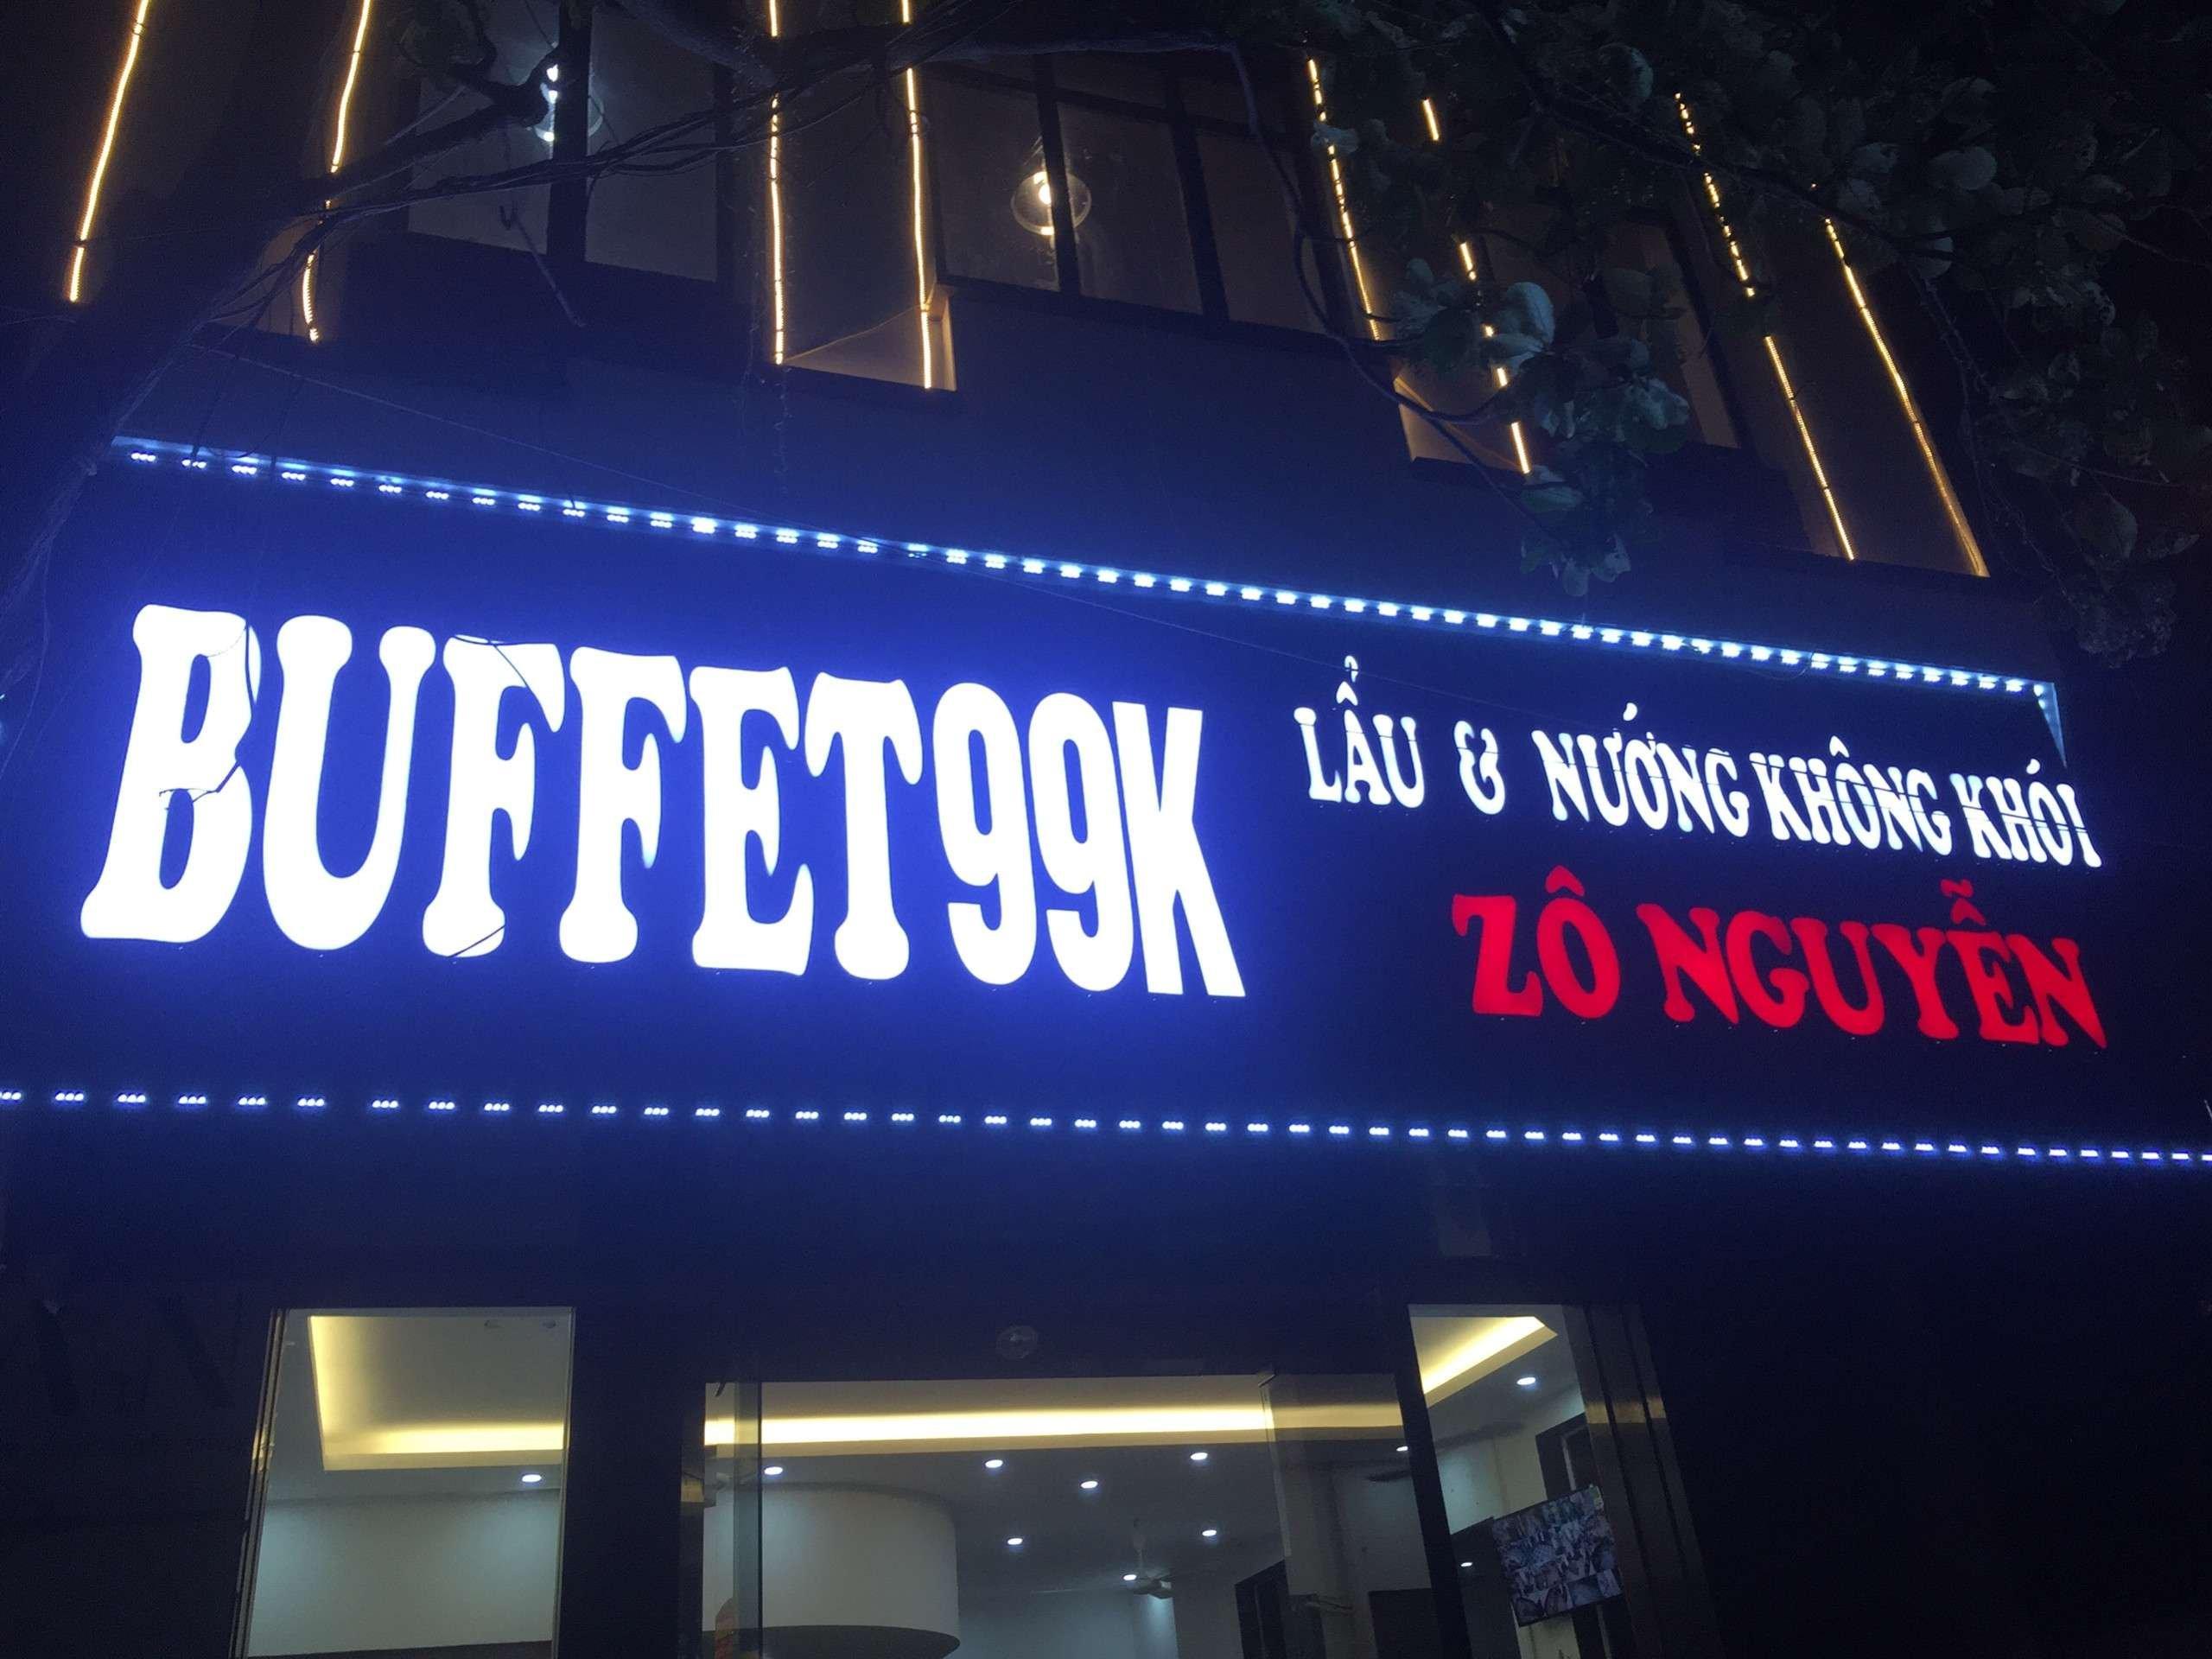 Nhà hàng Zô Nguyễn